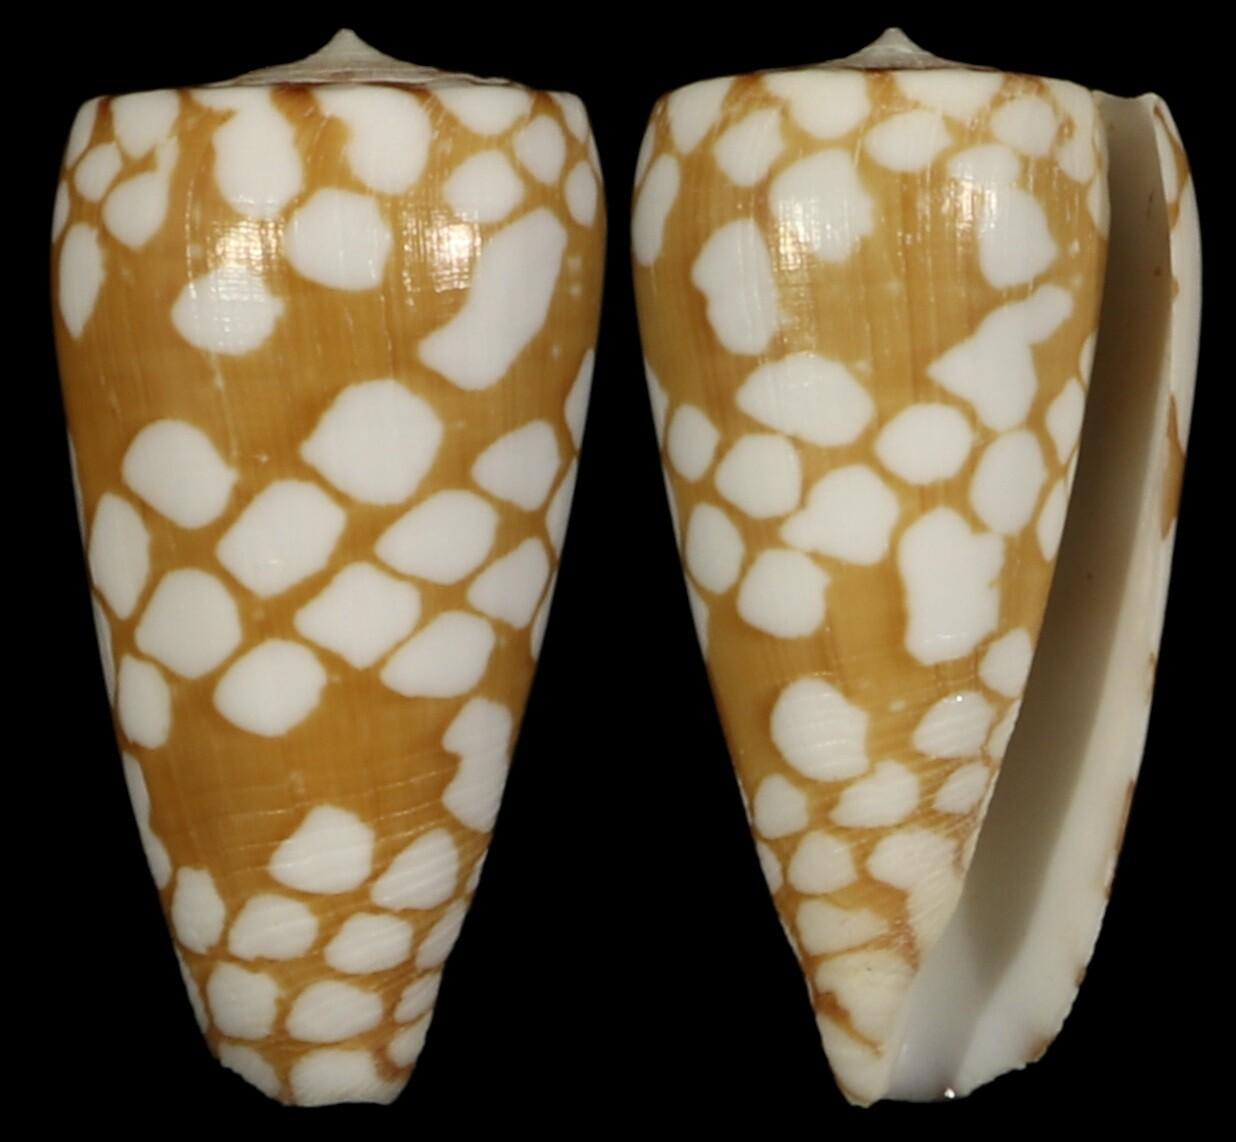 Conus cordigera